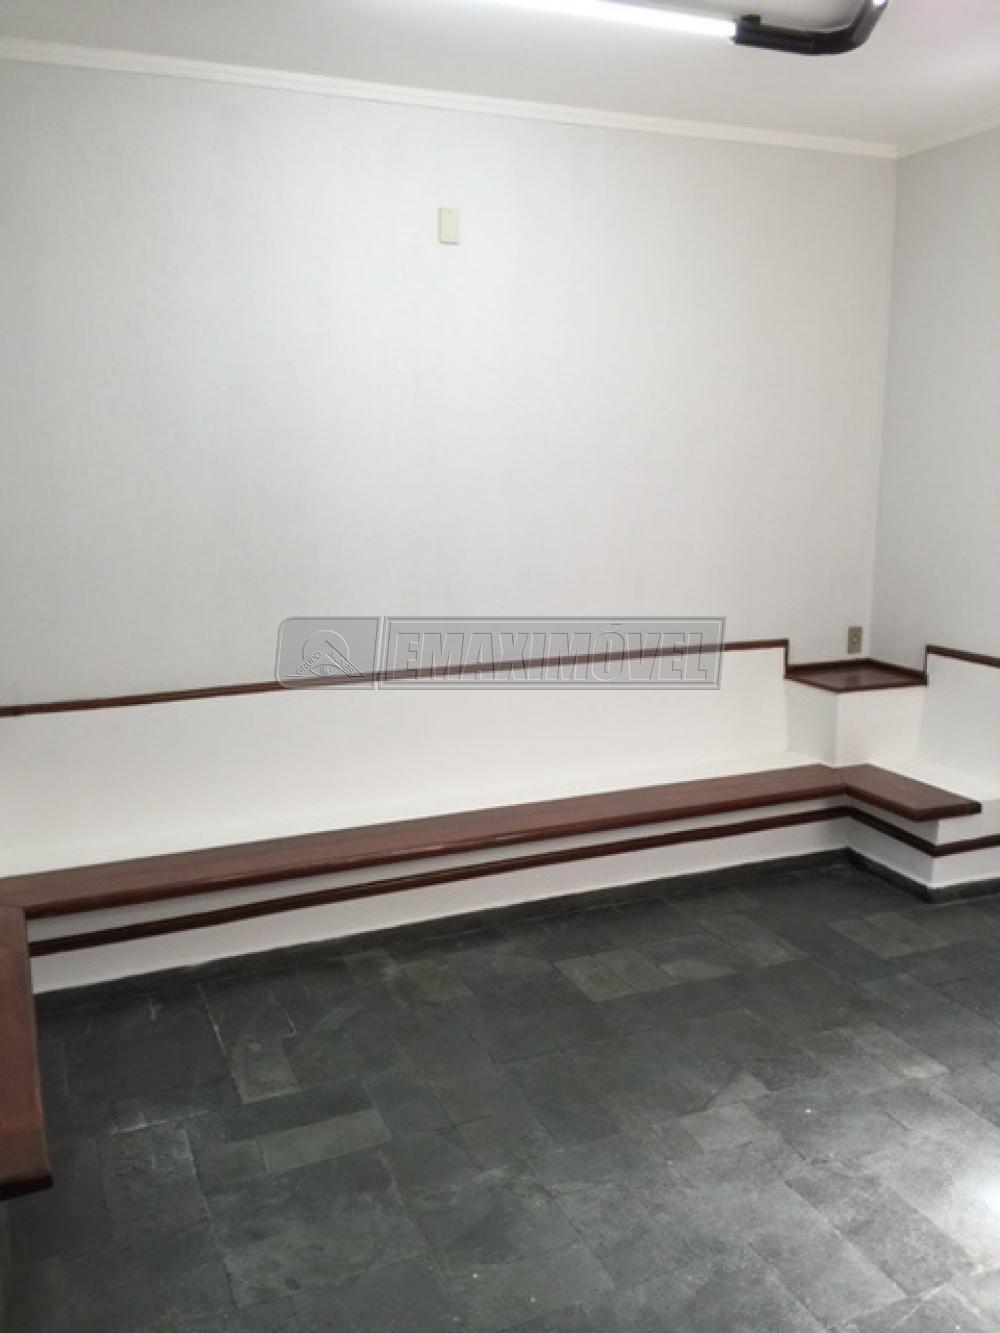 Alugar Casas / Comerciais em Sorocaba apenas R$ 4.500,00 - Foto 5